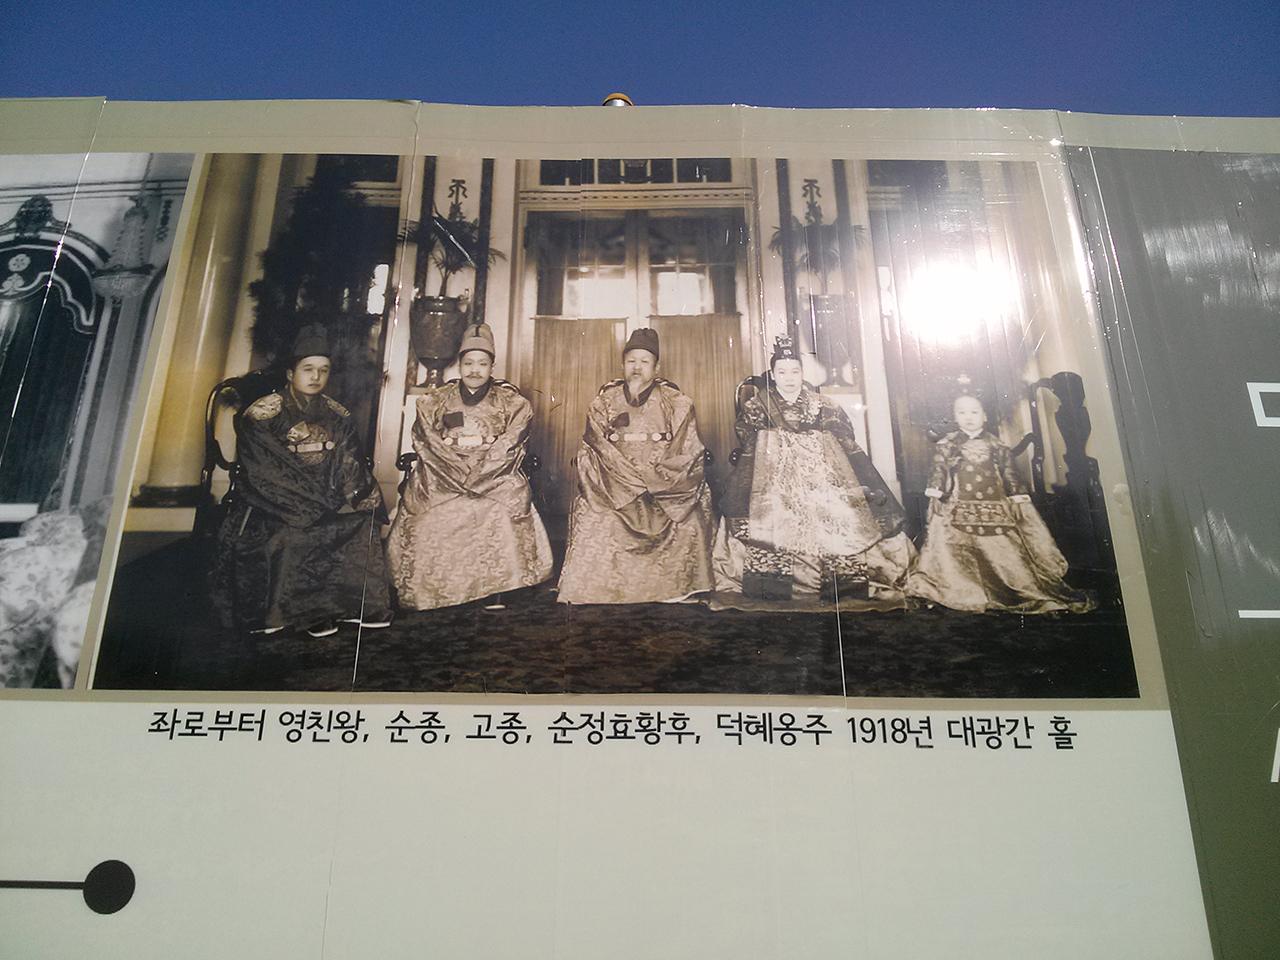 가족과 함께한 고종. 서울시청 옆 덕수궁에서 찍은 사진.